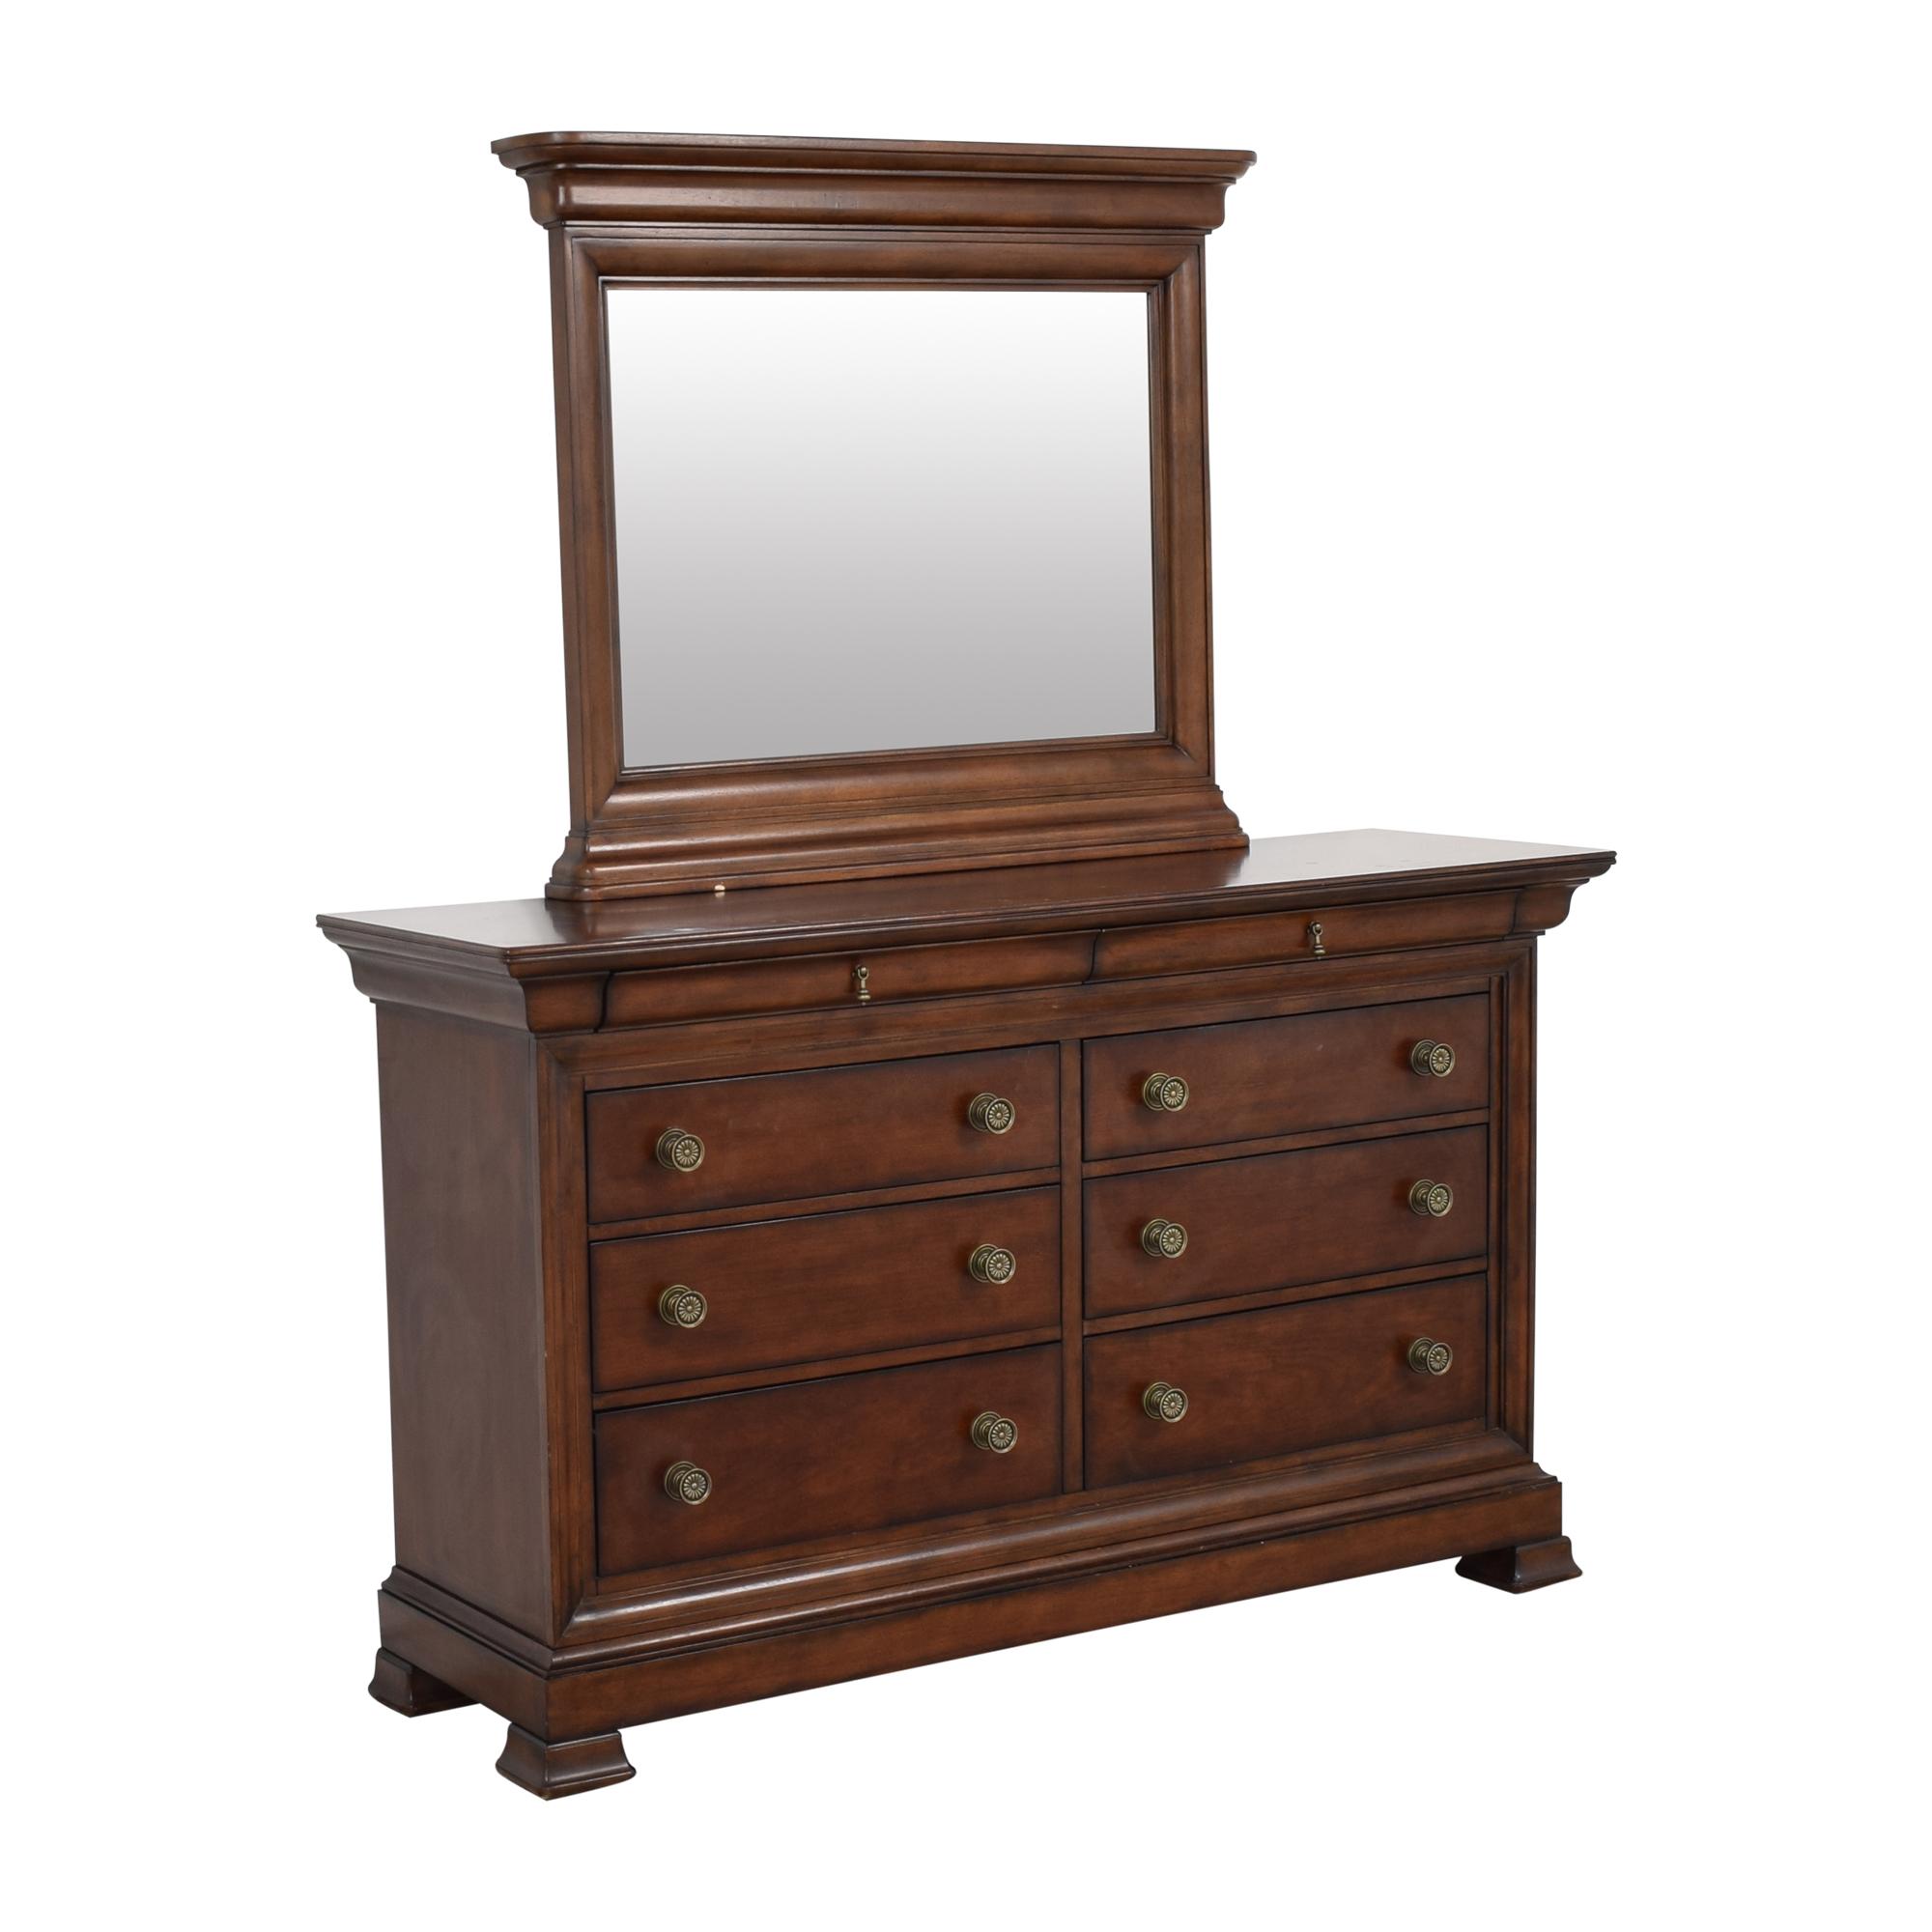 Bassett Eight Drawer Dresser with Mirror / Storage